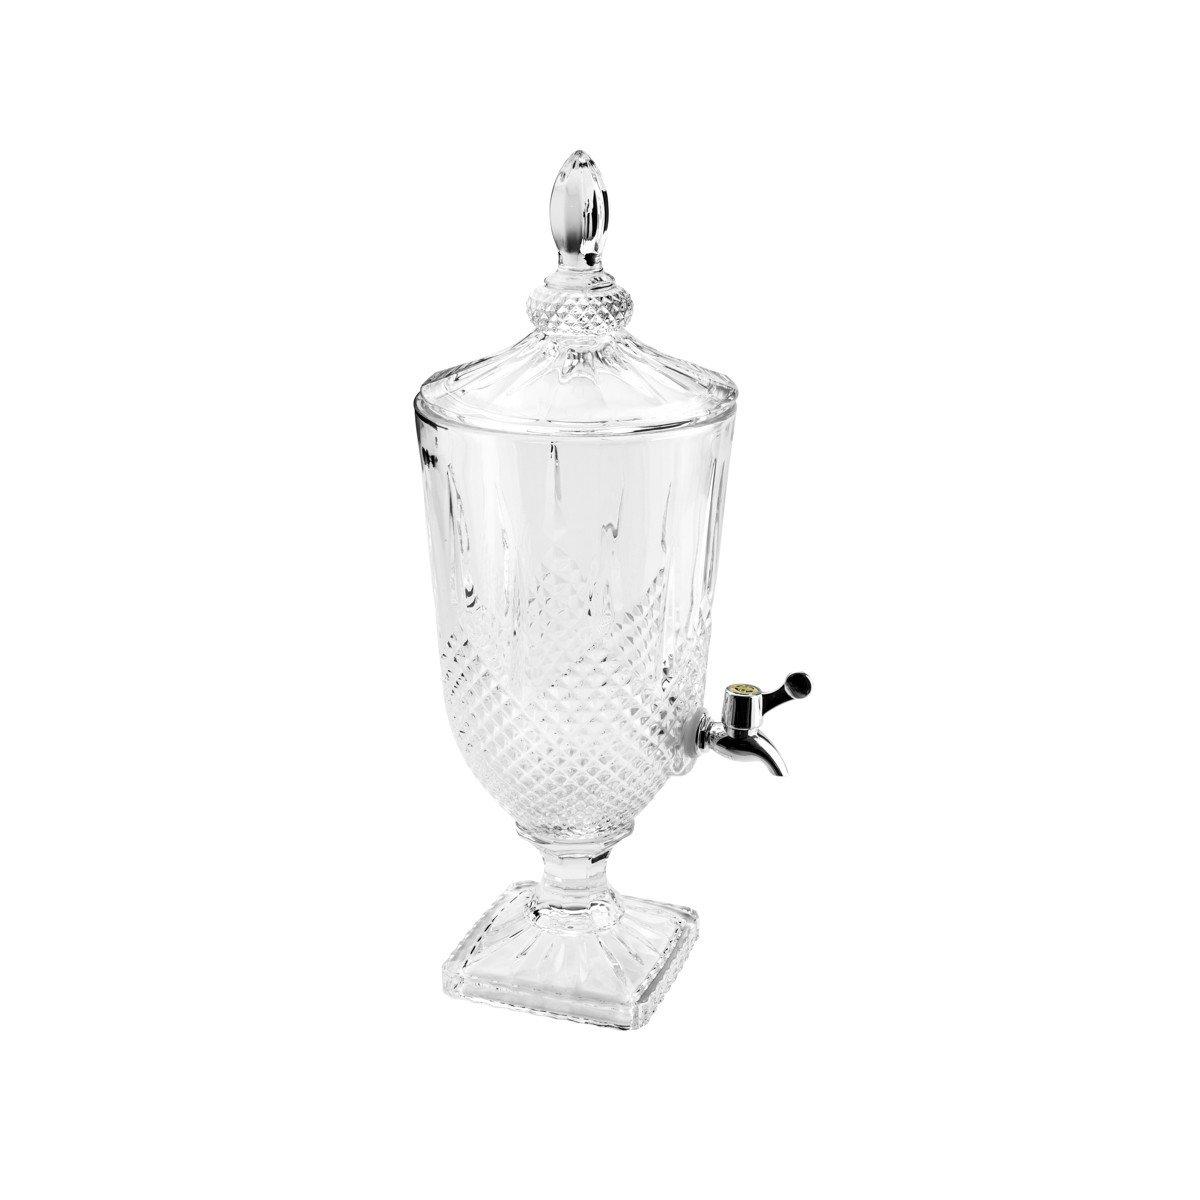 suqueira dispensador de bebidas diamond transparente 3l 7414 lyor casa cafe e mel 1